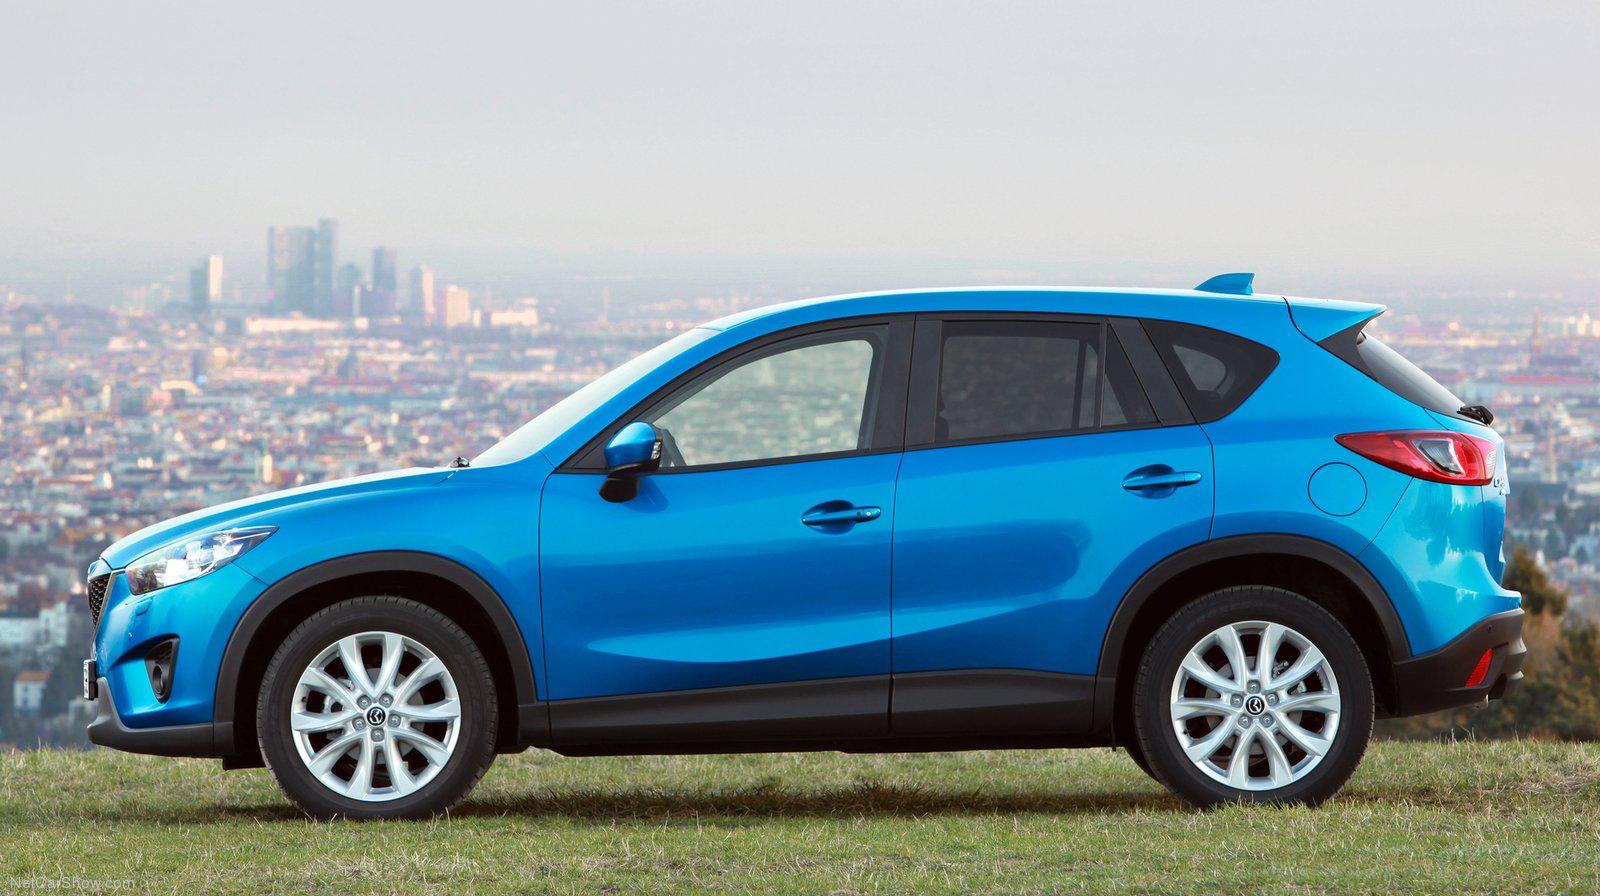 Hyundai_Tucson_Mazda CX_5_Honda_CR_V (53).jpg